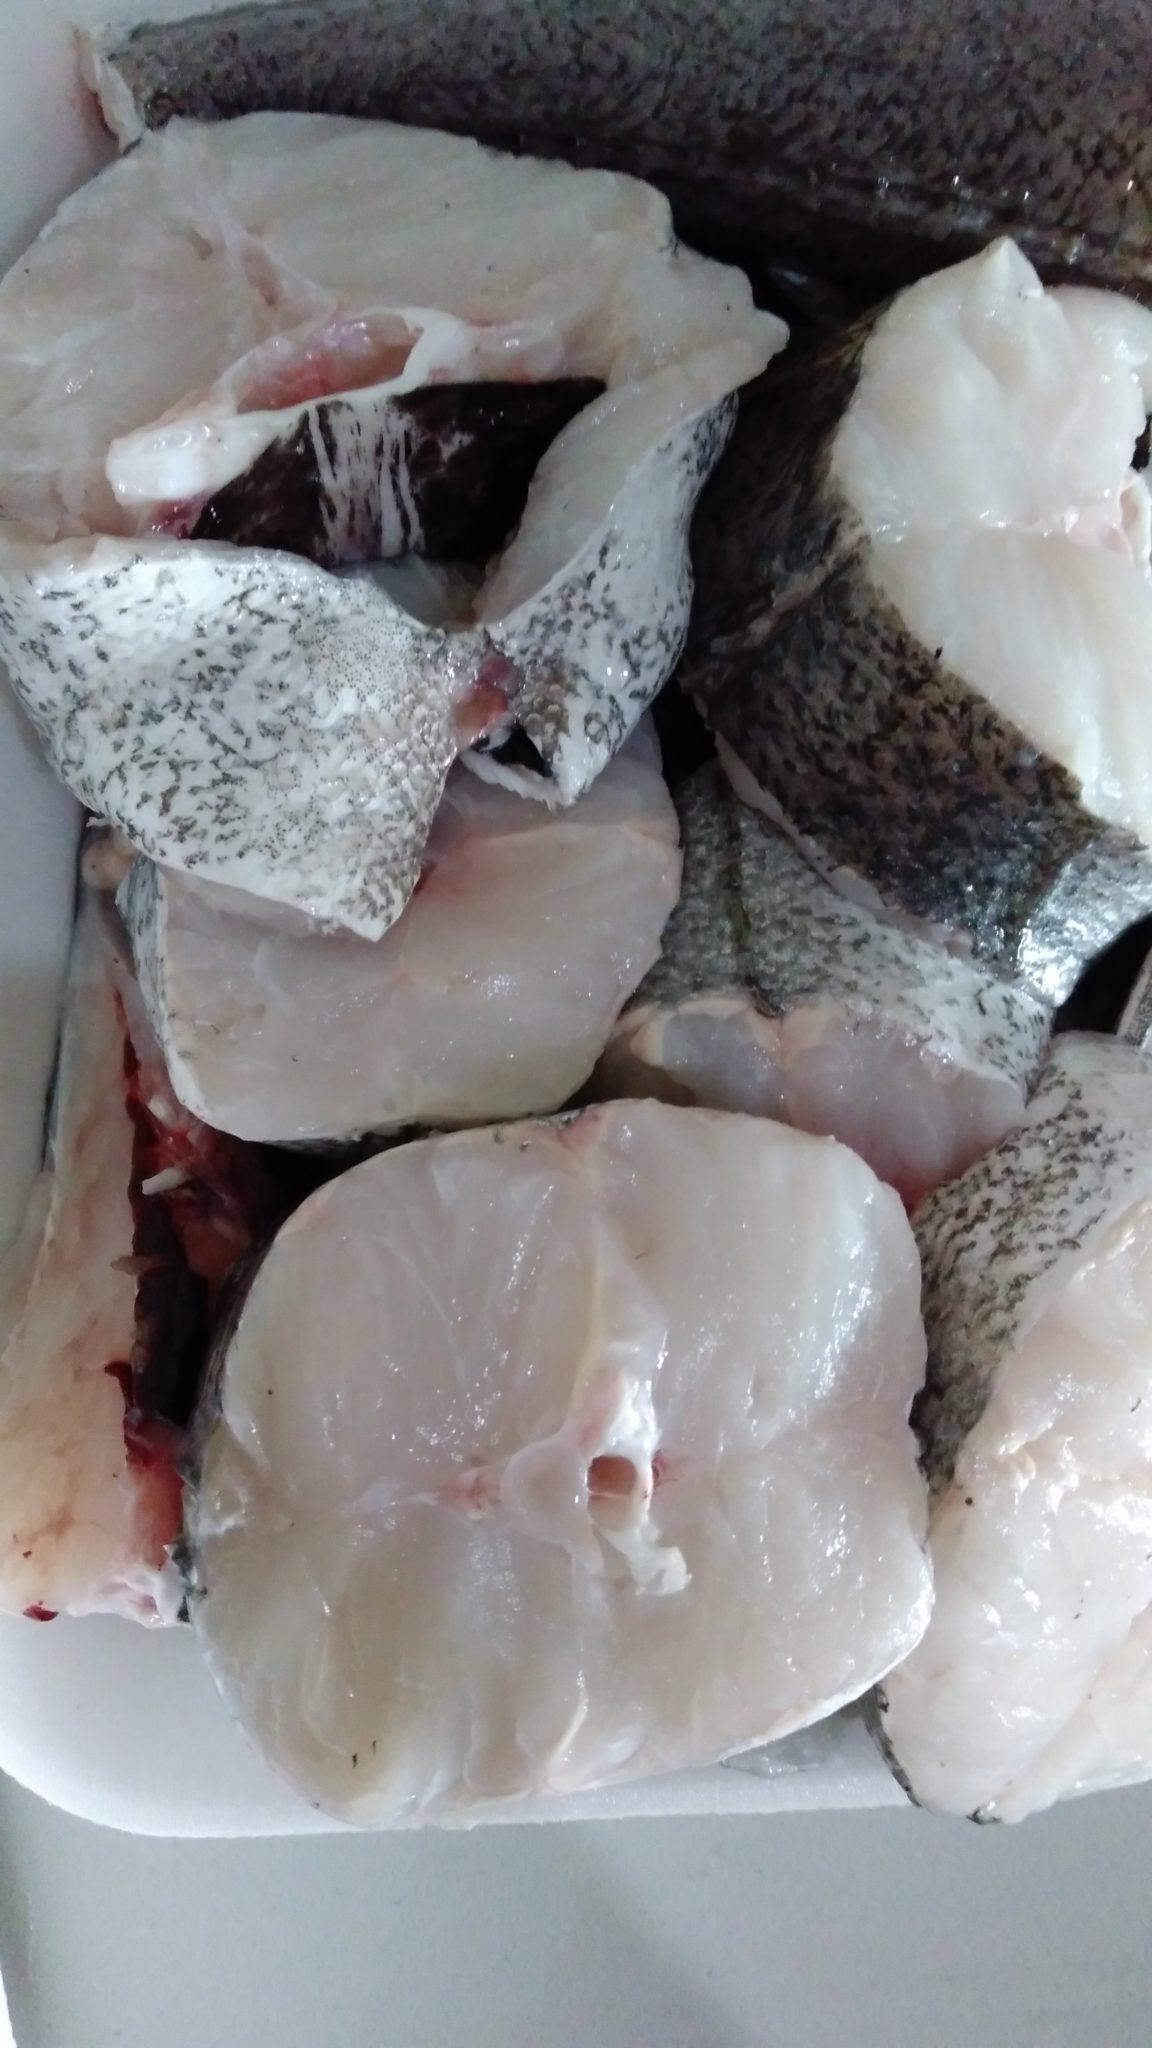 Merluza cortada para su envío, limpiada con agua de mar